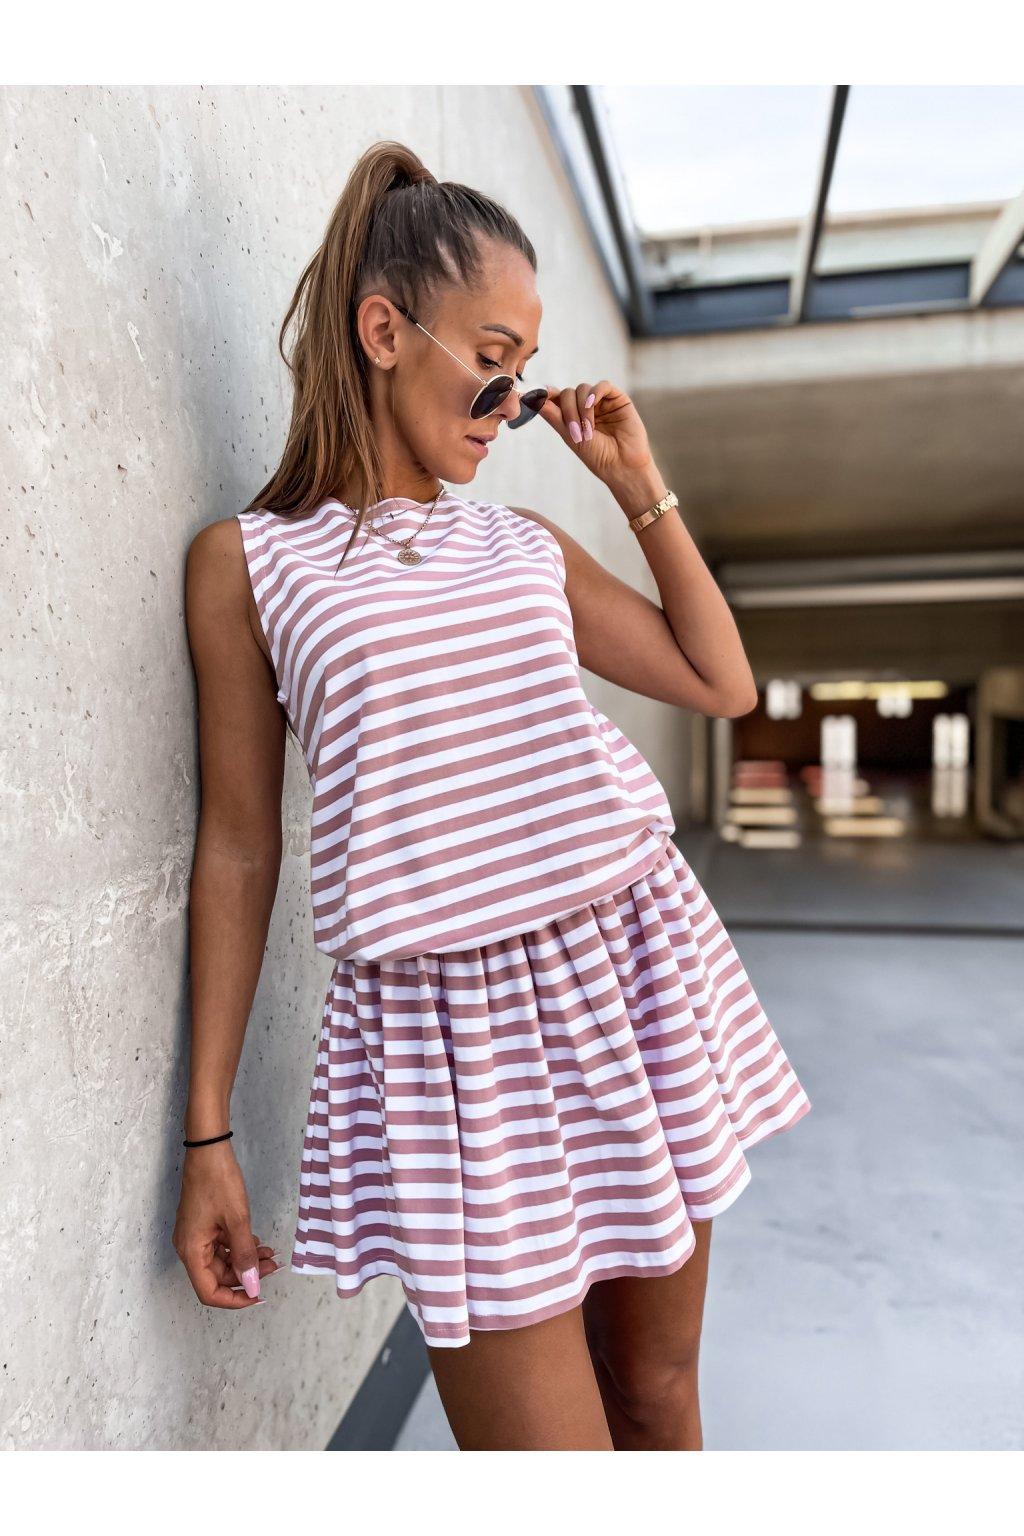 damske saty milia stripe pink eshopat cz 1